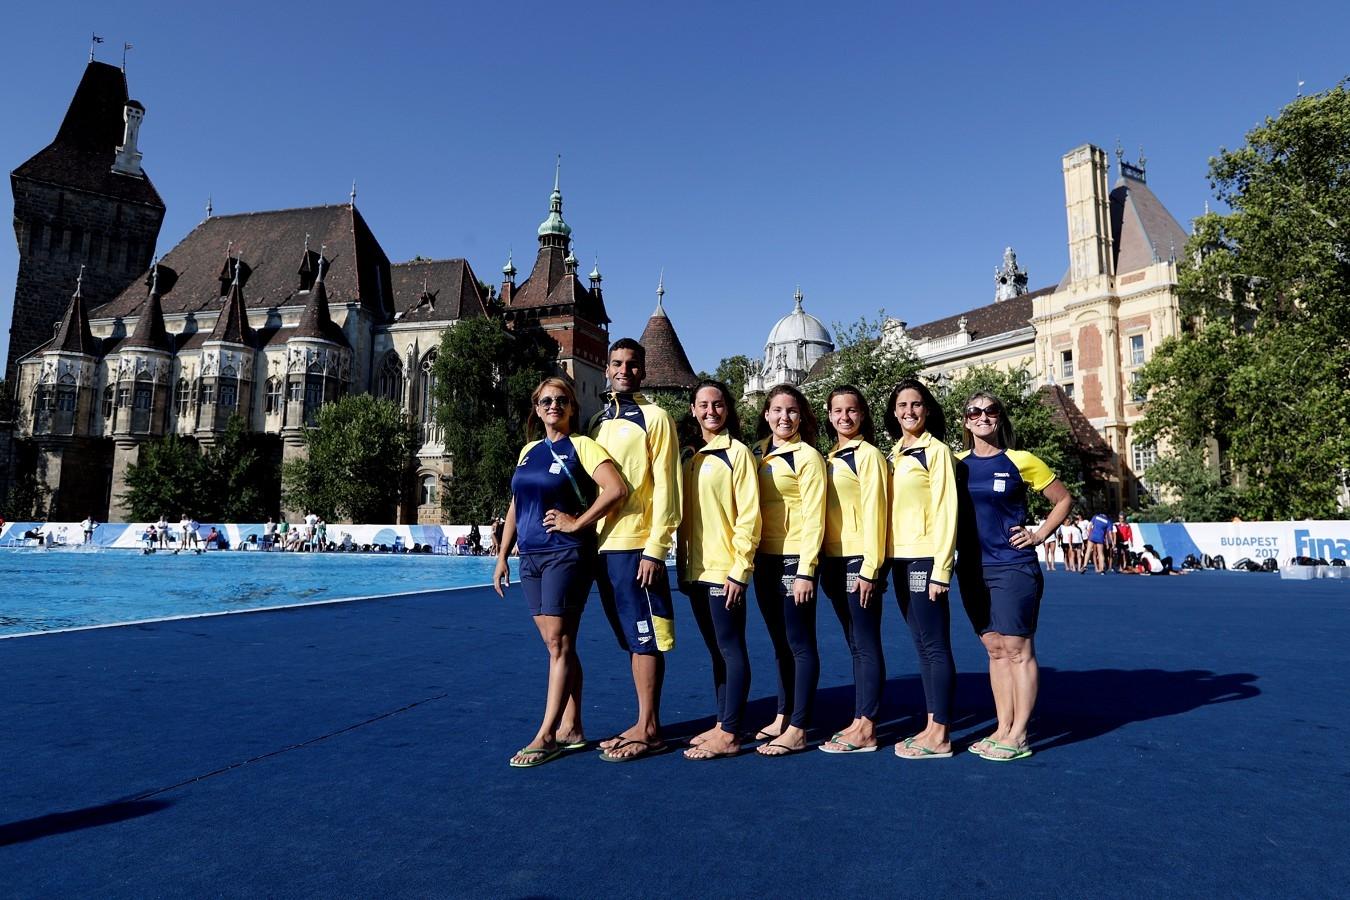 Selecao Brasileira de Nado Sincronizado. Campeonato Mundial de Desportos Aquaticos. City Park - Varosliget Lake . 13 de Julho de 2017, Hungria, Budapeste. Foto: Satiro Sodré/SSPress/CBDA